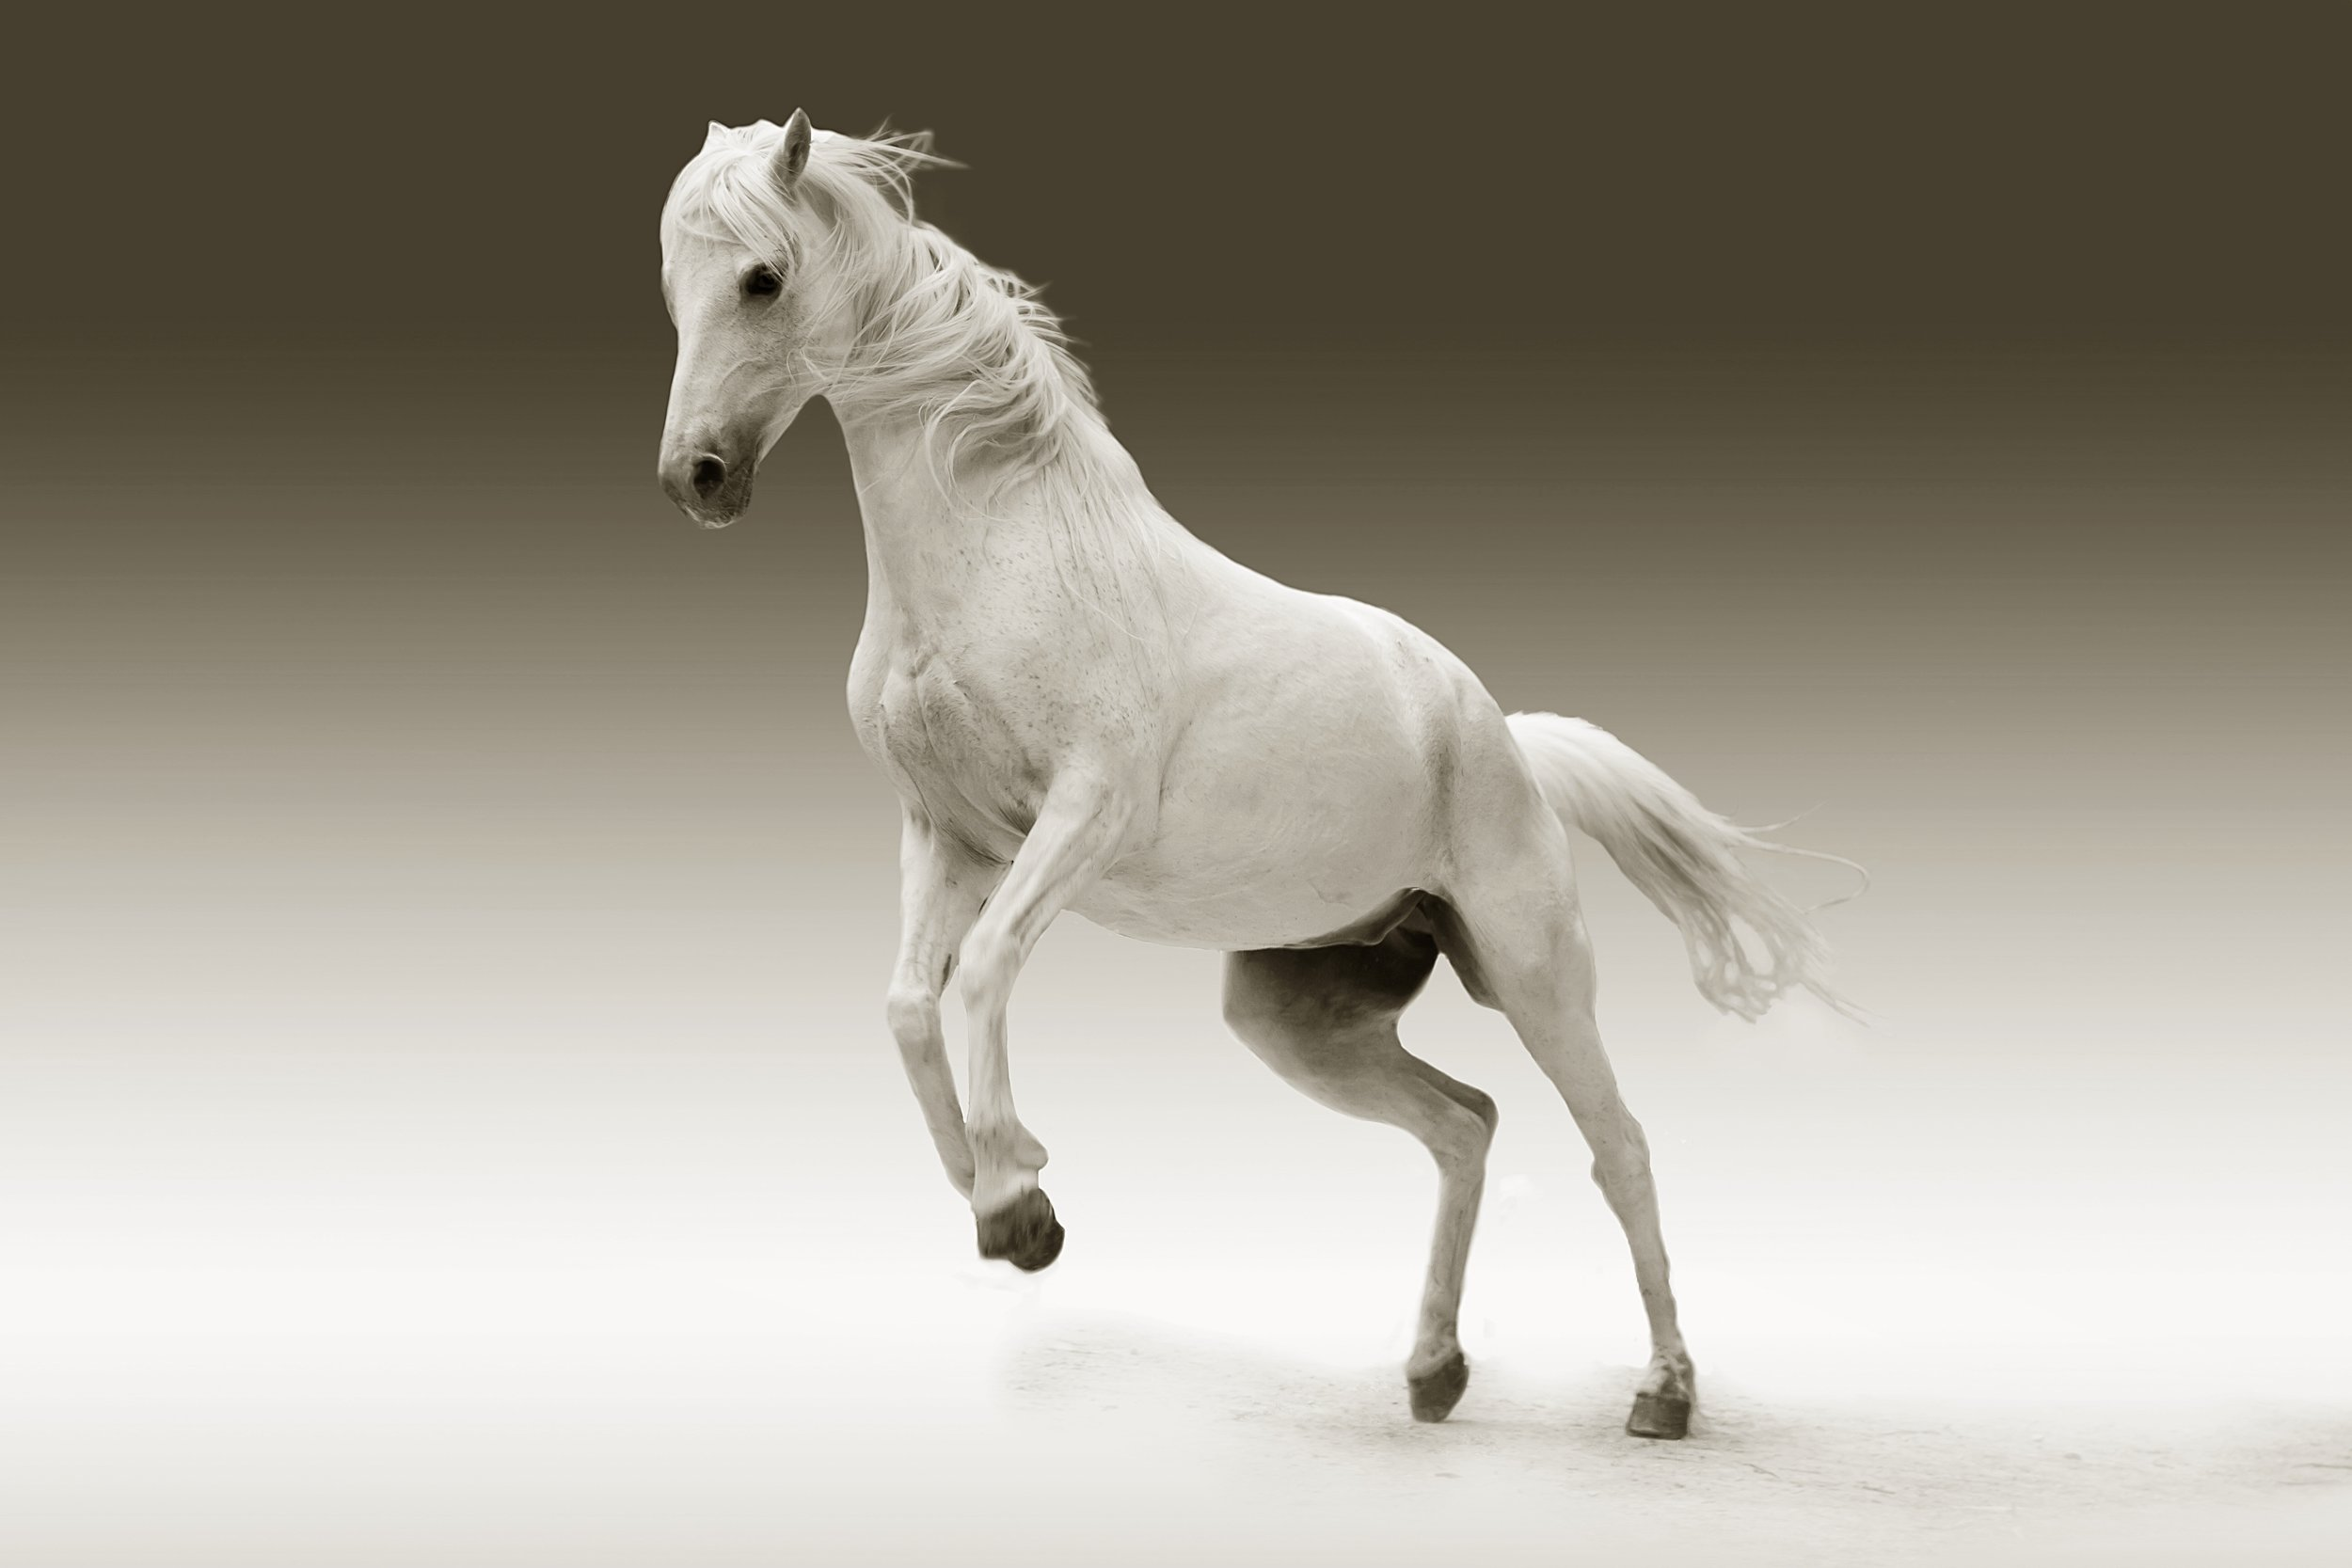 Grenzen - Mit dem Pferd die eigenen Grenzen erkennen und äussern